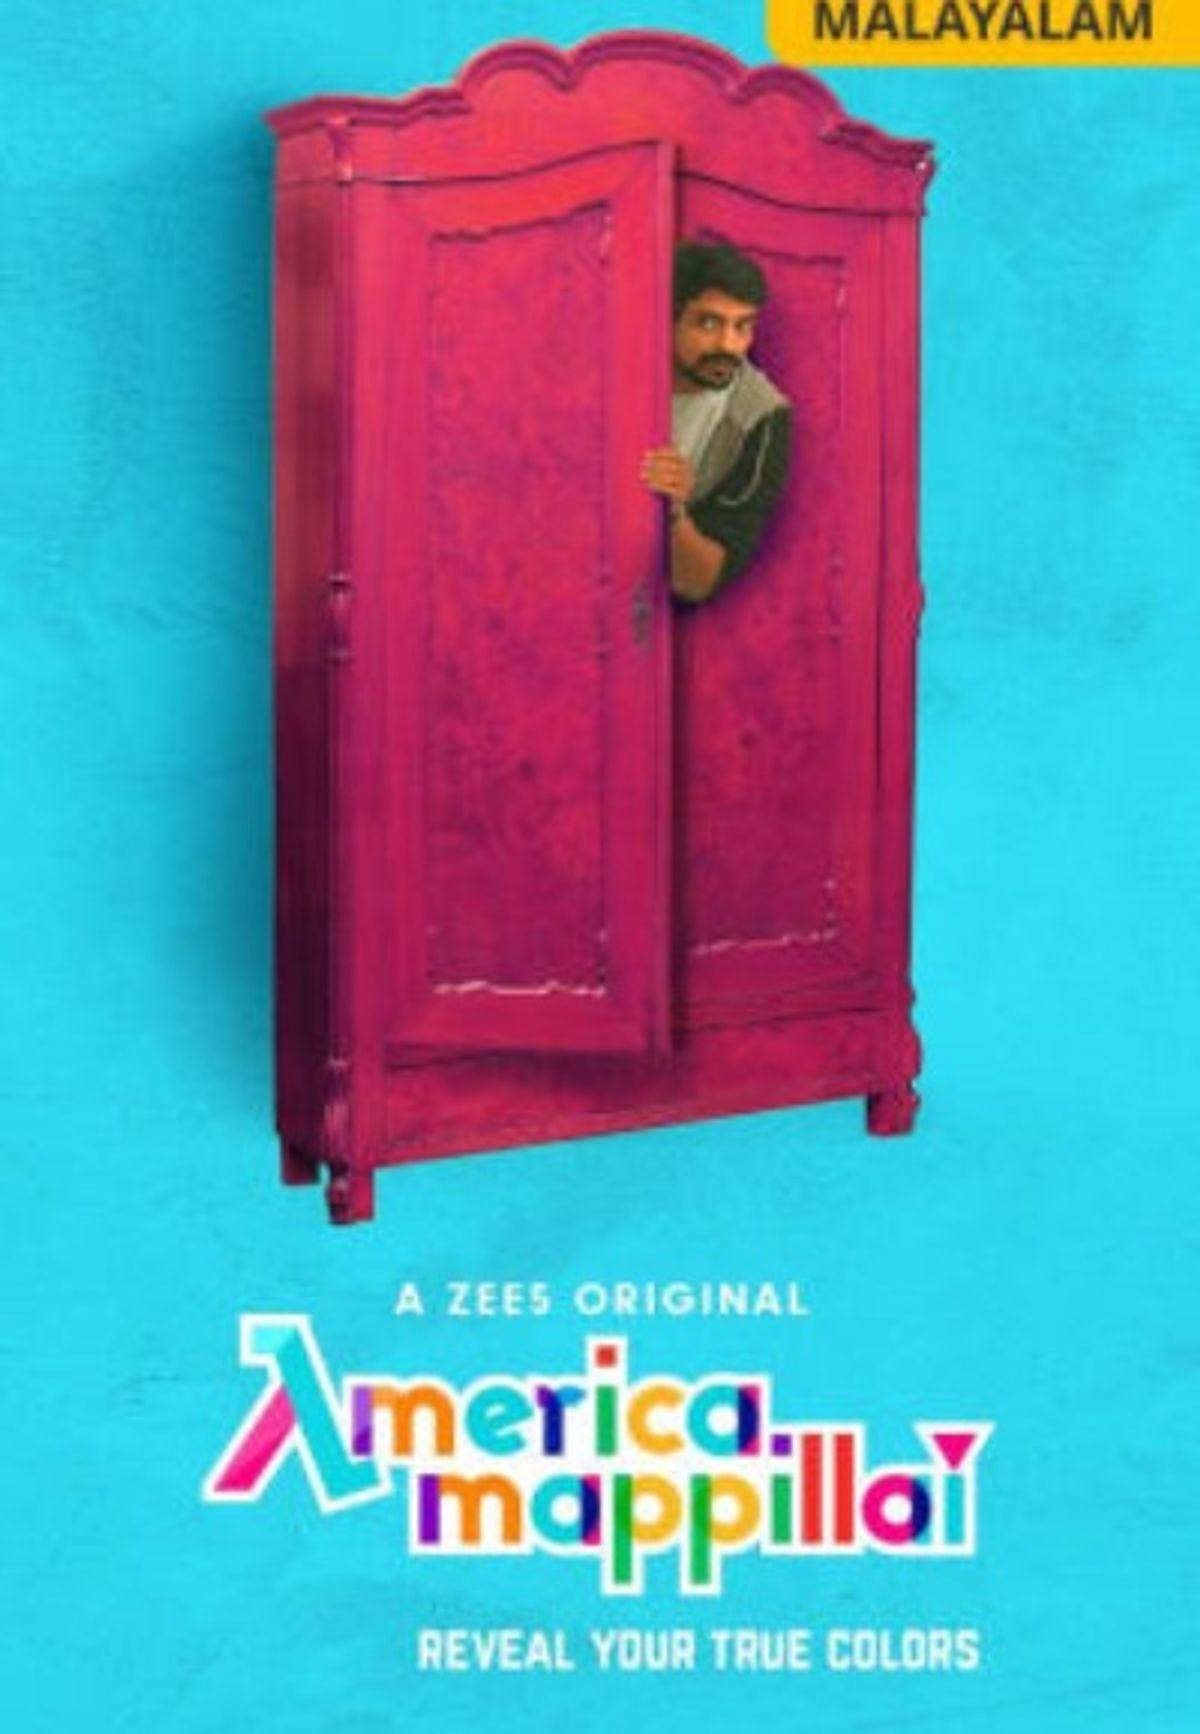 American Cherukkan